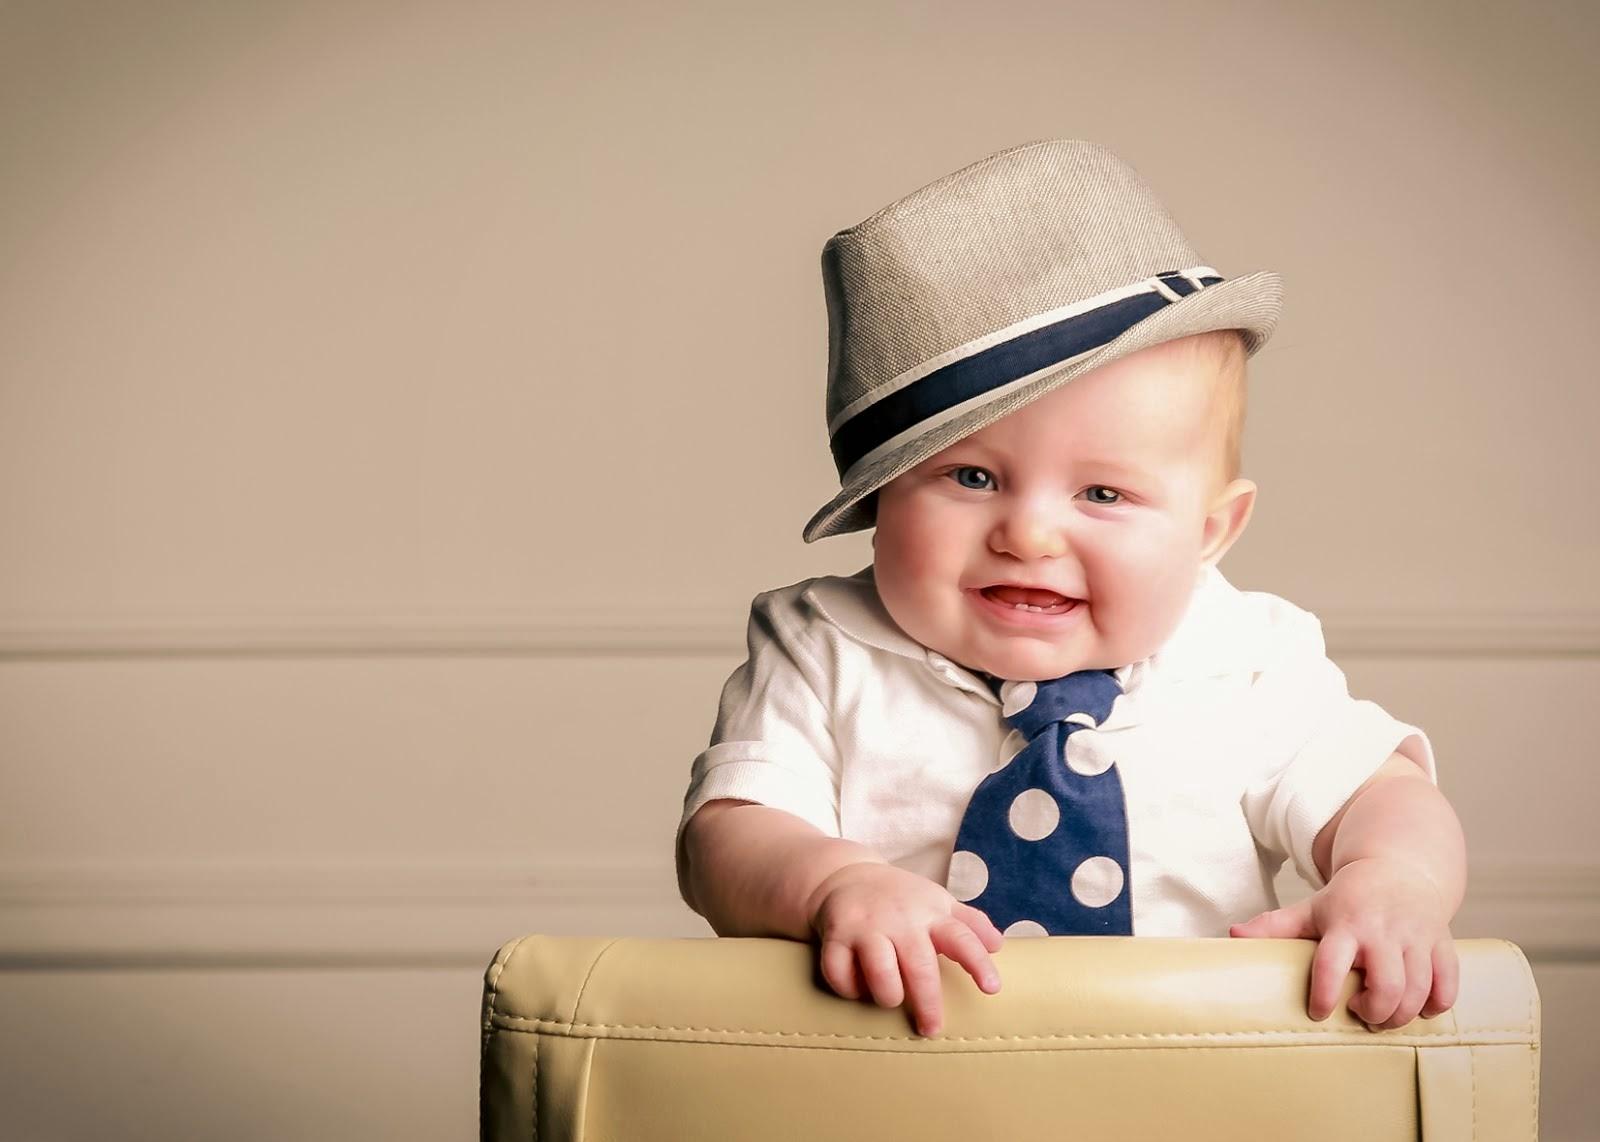 Weston 6 months